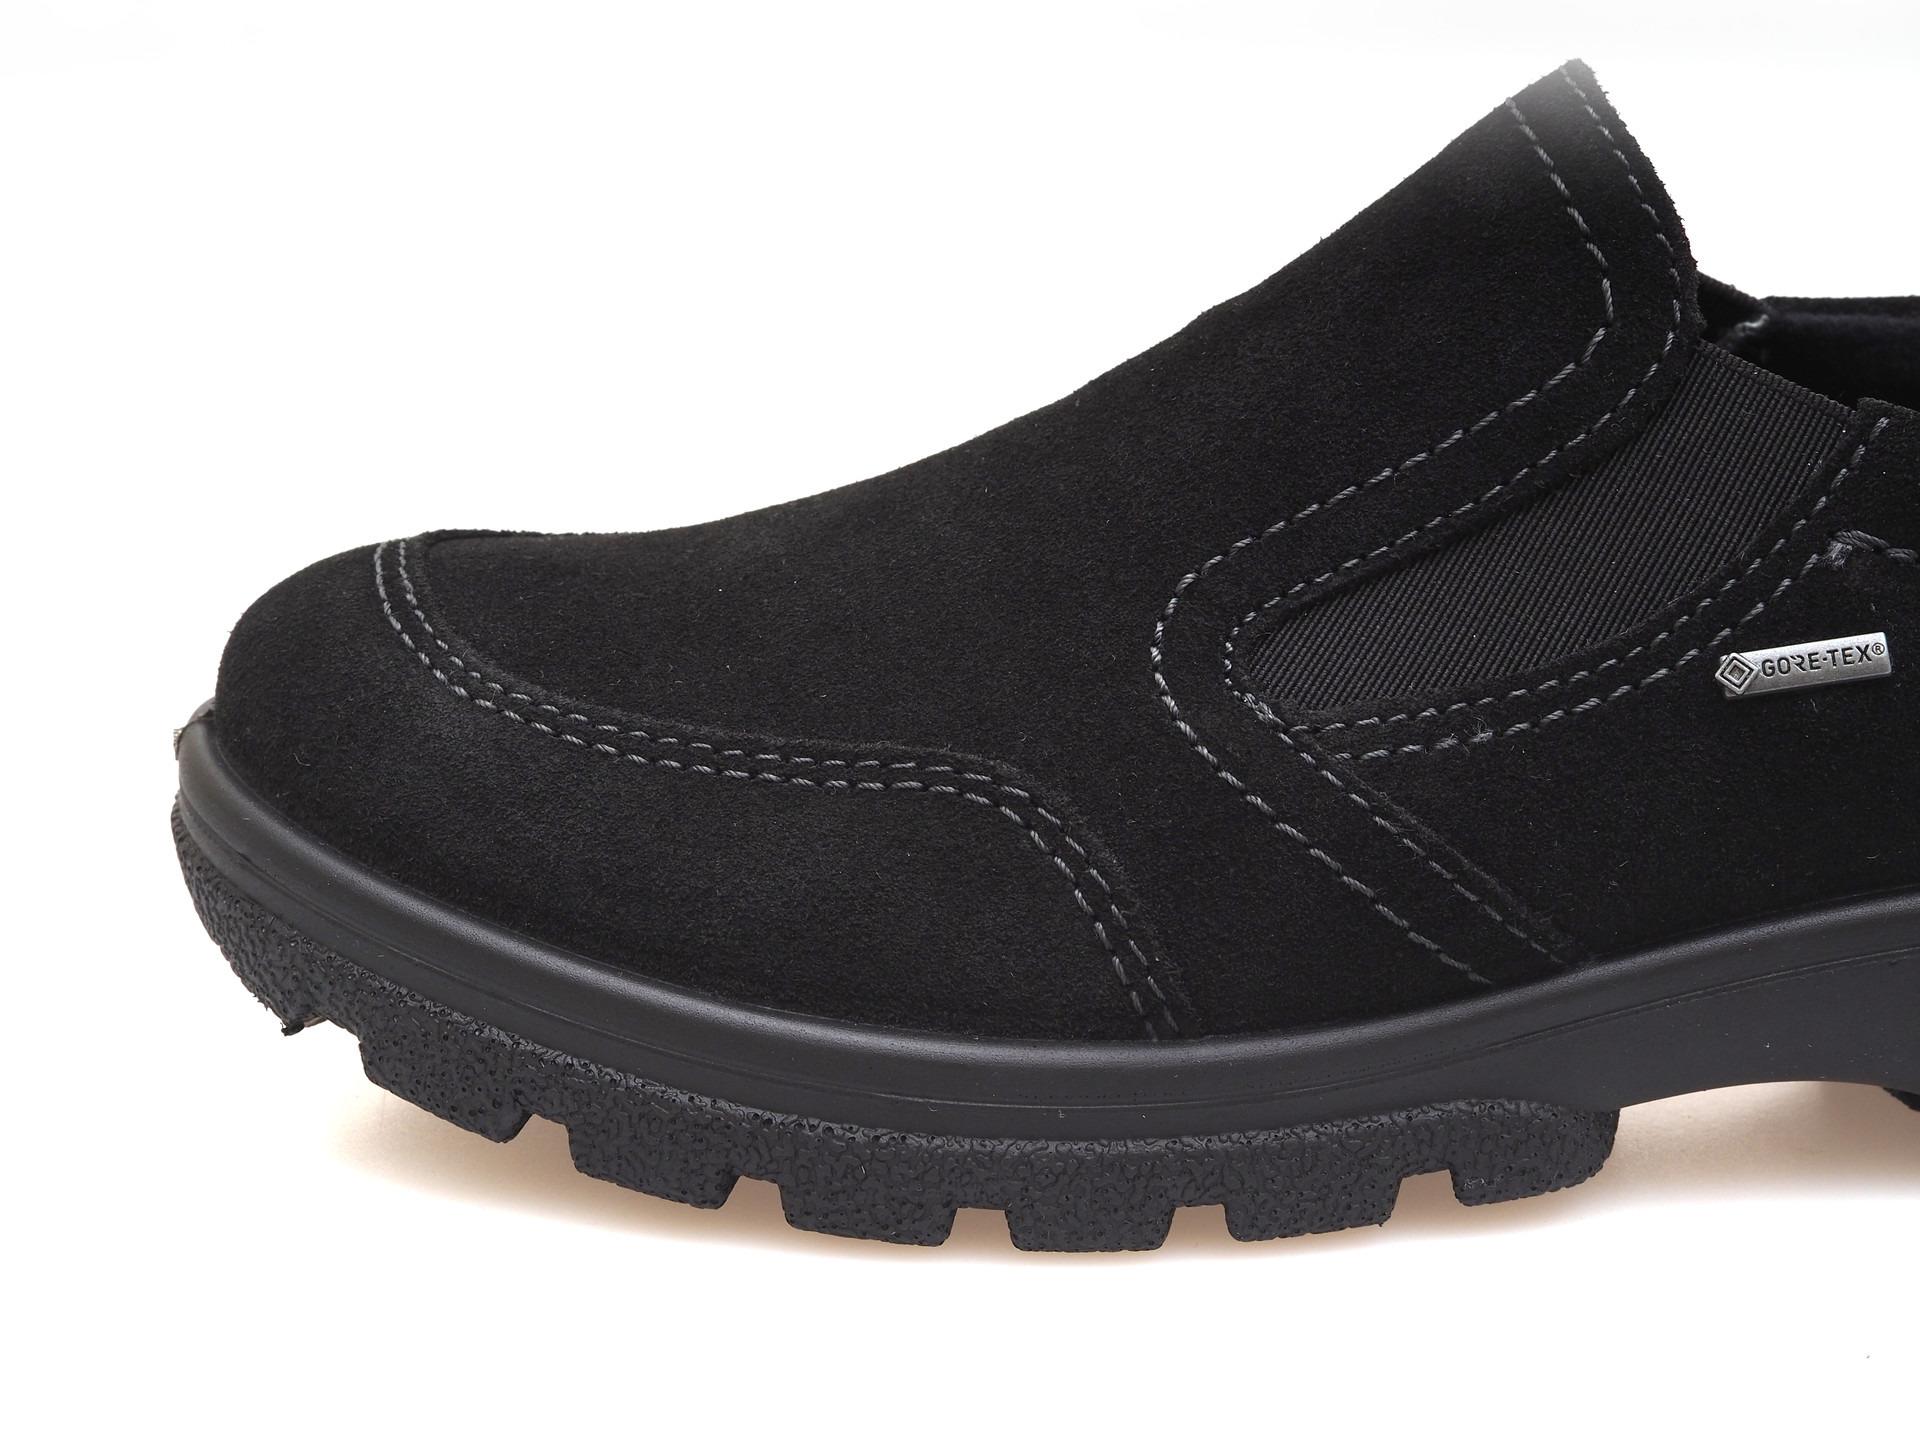 Soňa - Dámska obuv - Mokasíny - Dámska členková obuv značky Ara 8e2aa44605